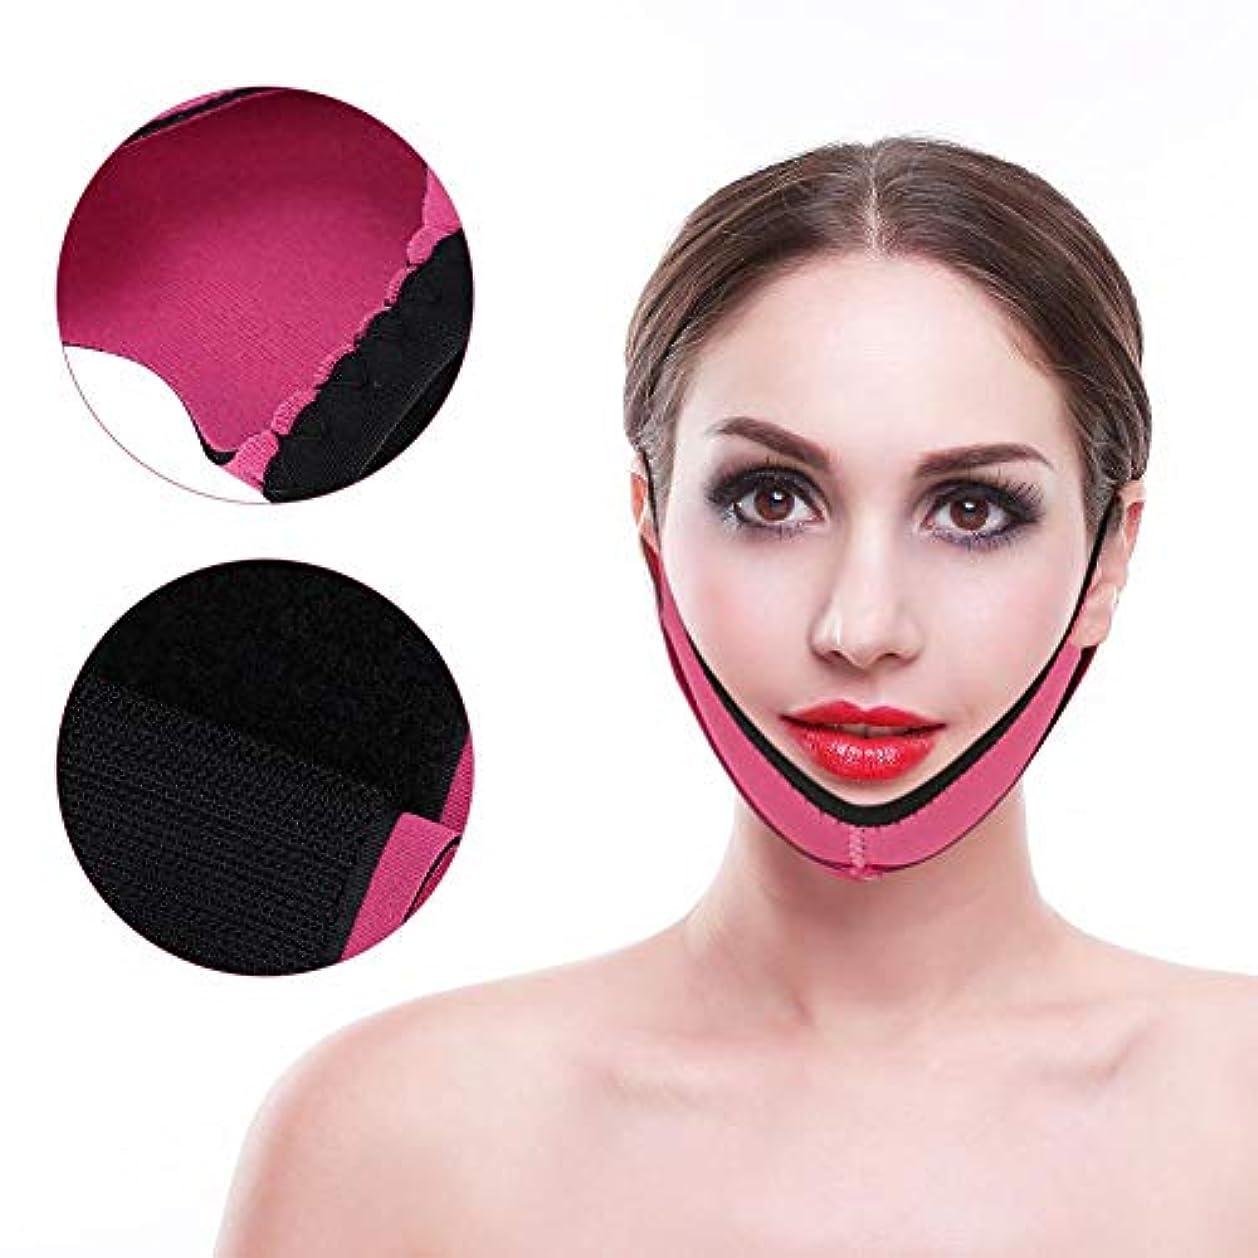 確立通信網虐待Vフェイスラインベルト、超薄型ストラップバンドVフェイスラインベルトは、二重あごと顔面筋の弛緩を効果的に改善します。